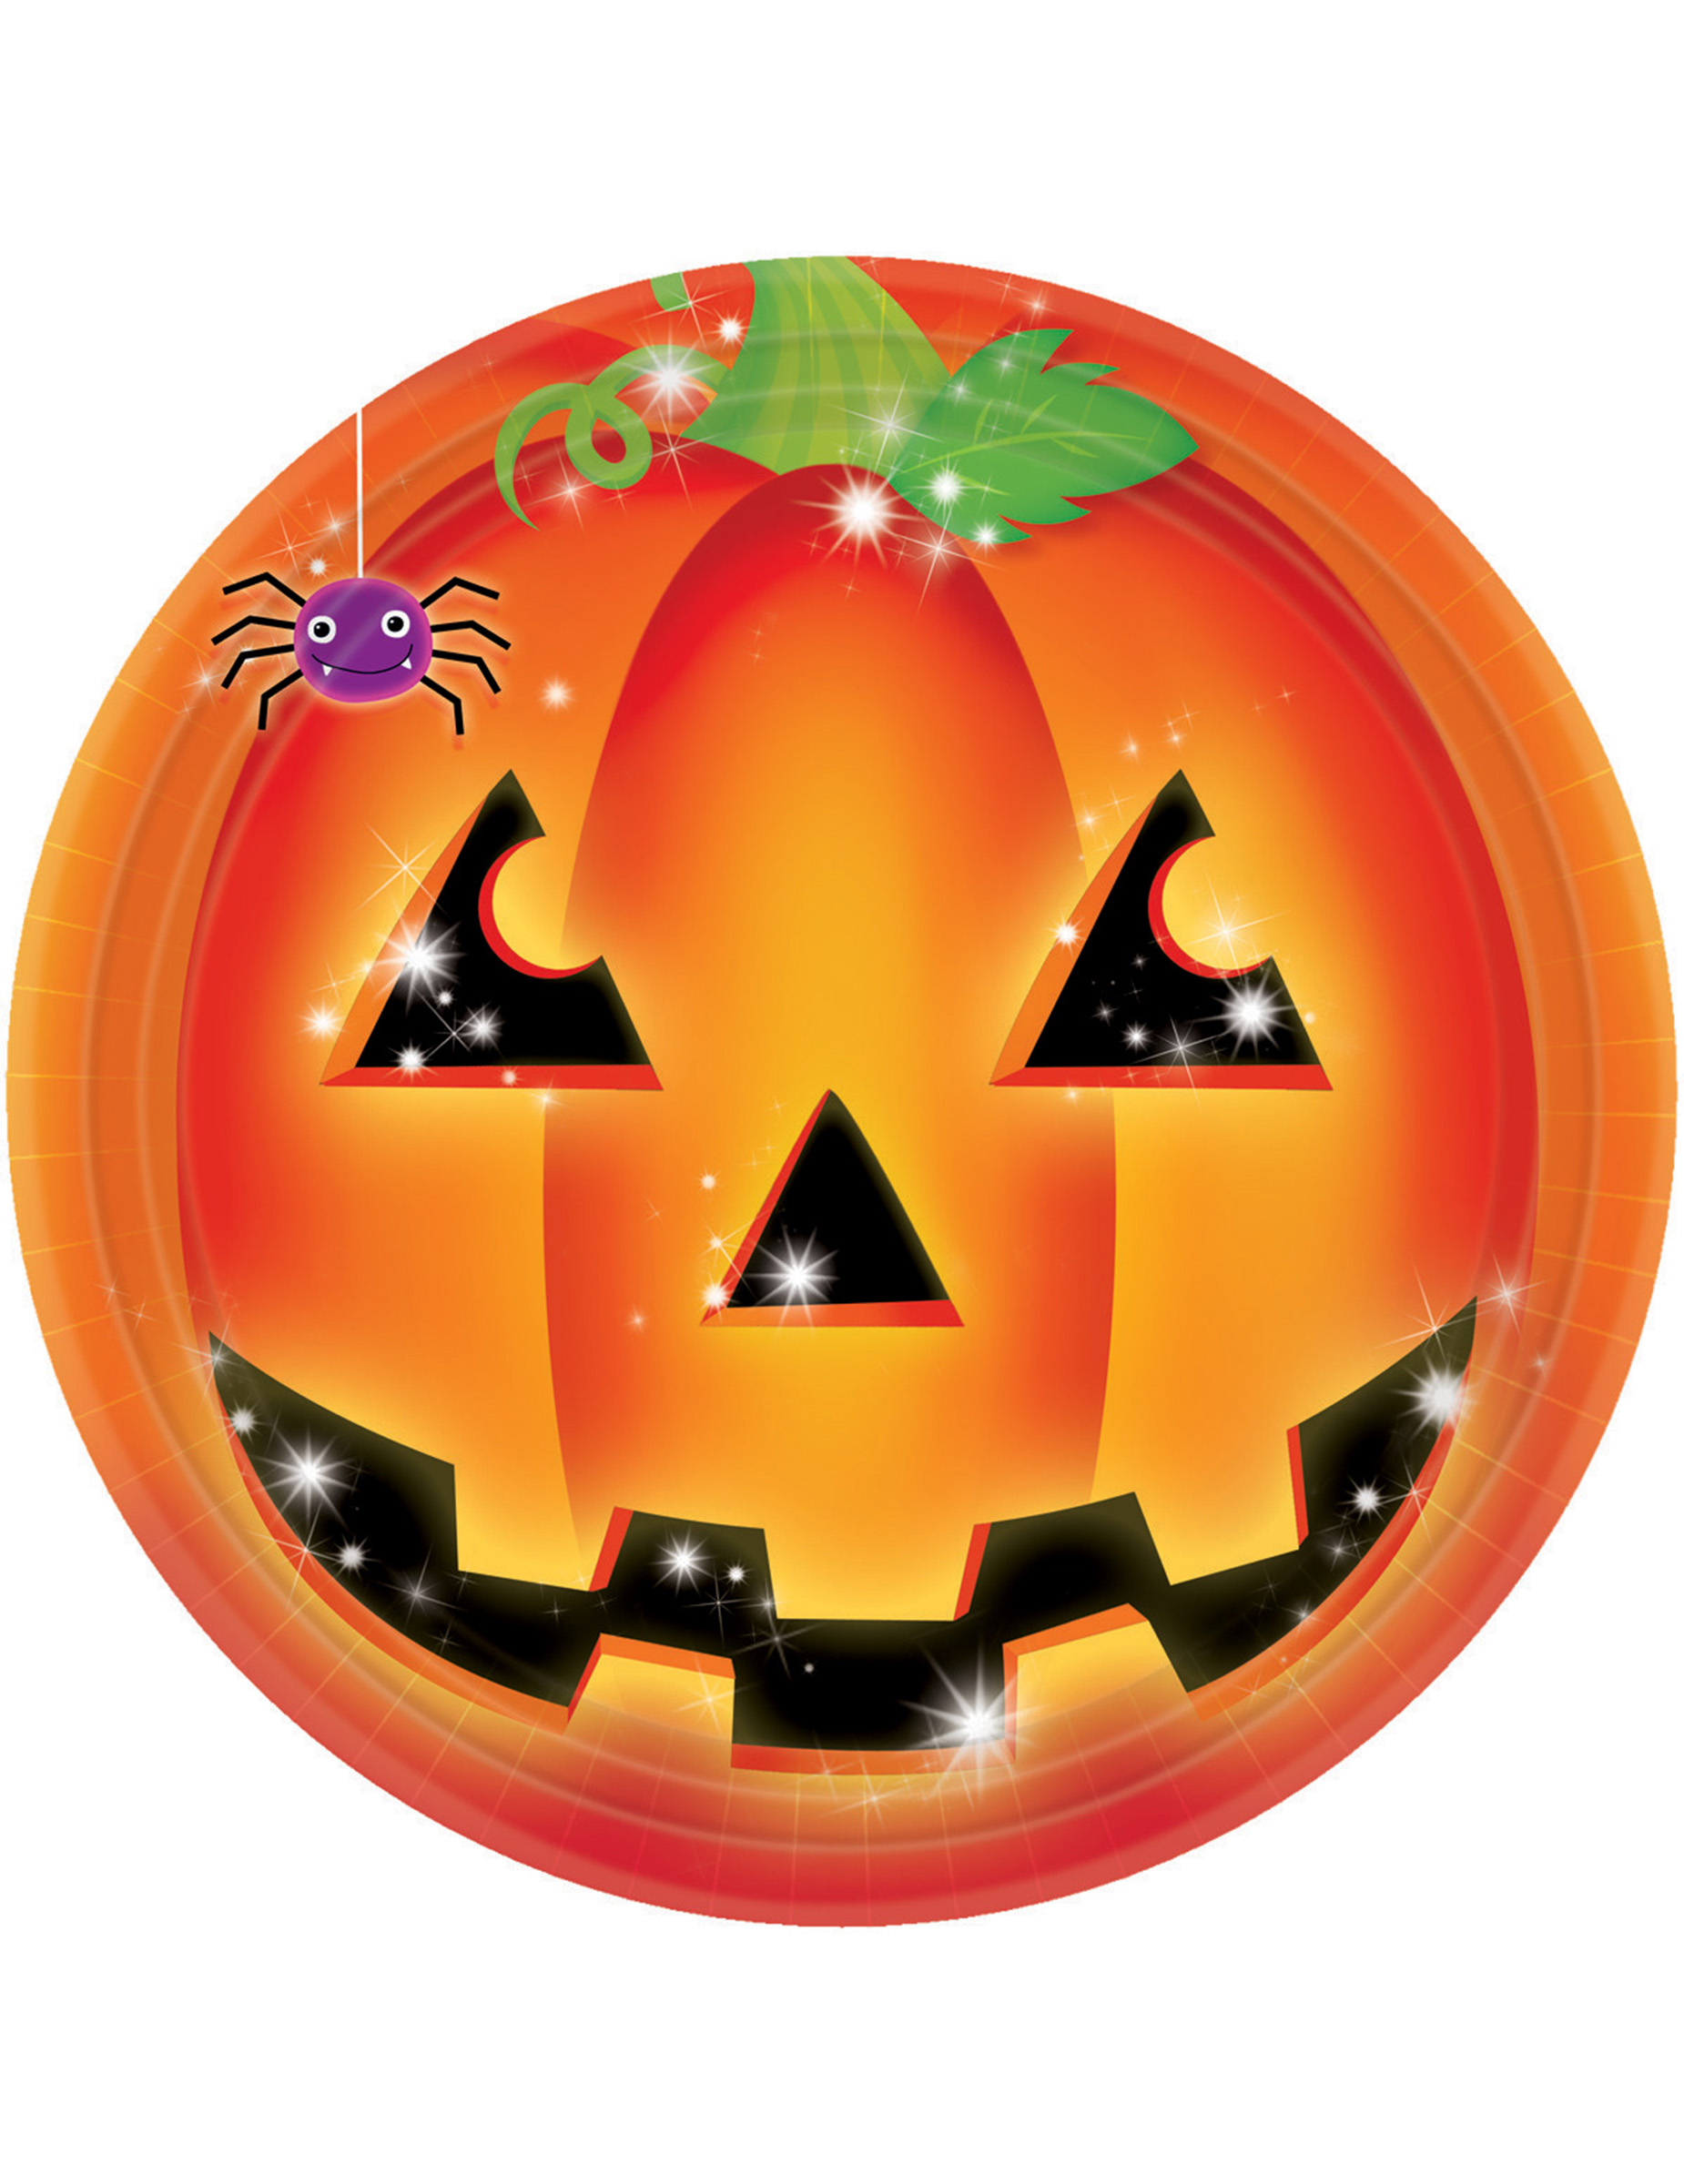 K rbis teller halloween tischdeko 8 st ck orange schwarz 23cm g nstige faschings partydeko - Tischdeko kurbis ...